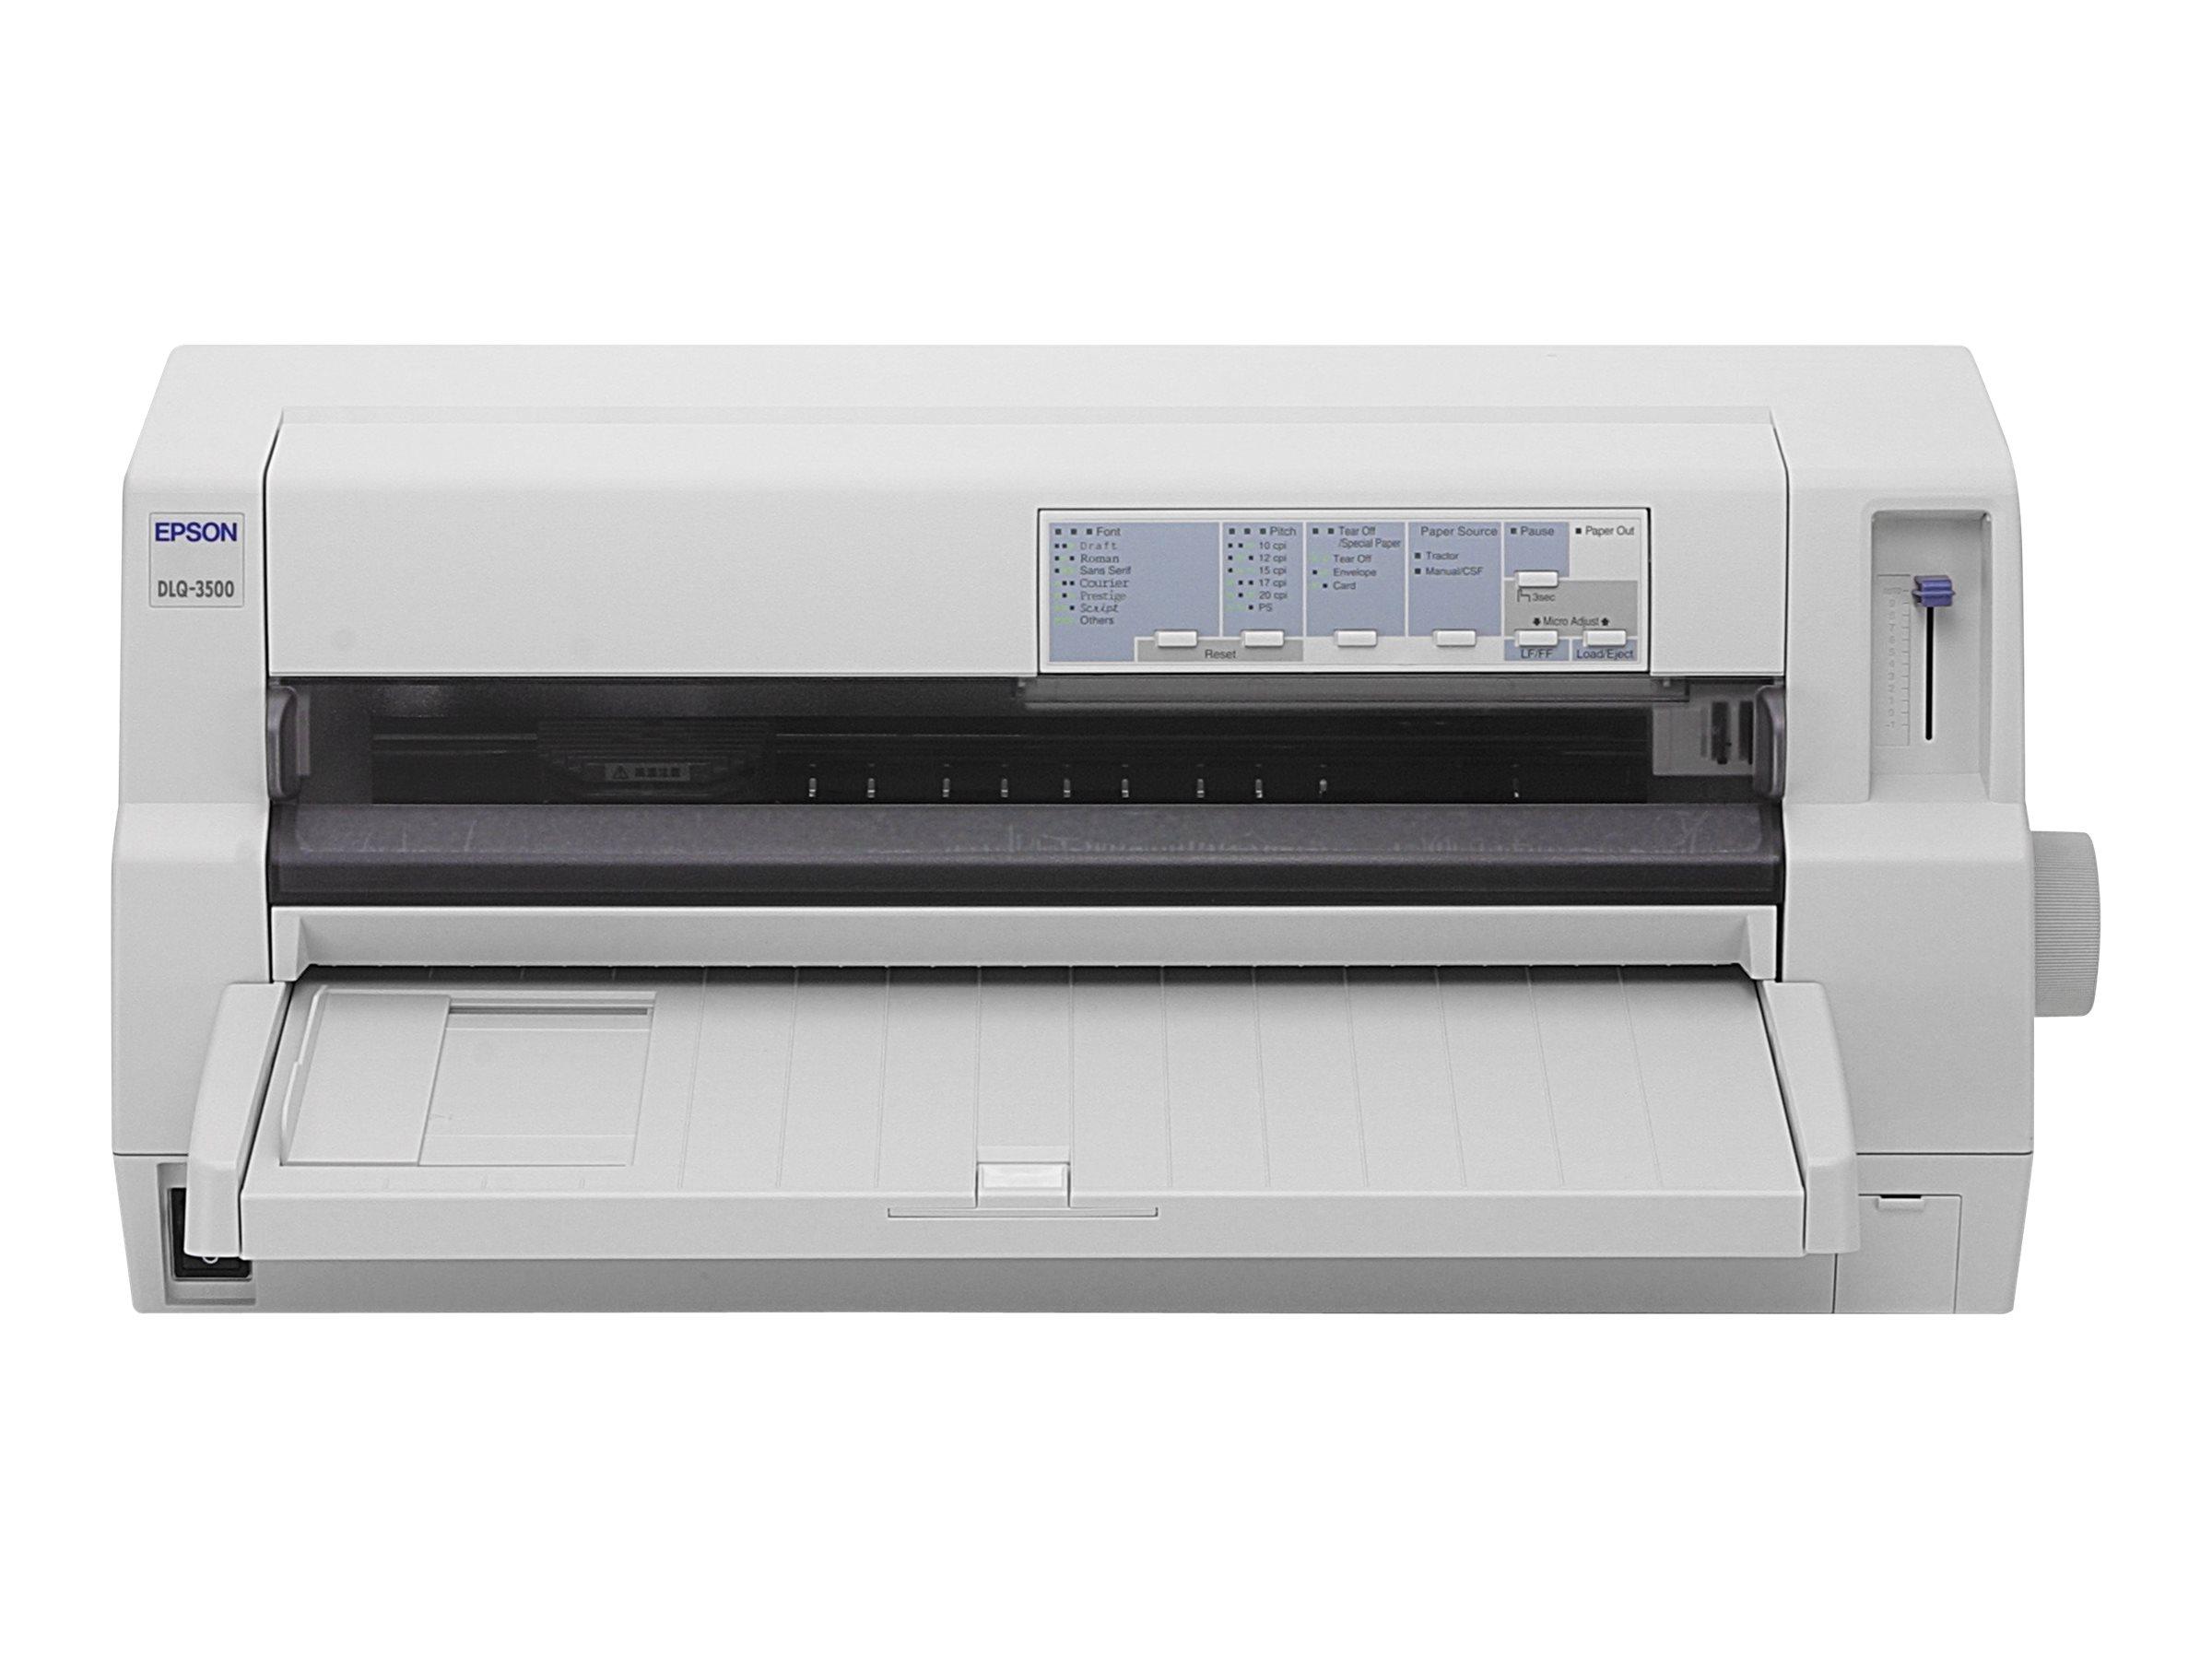 Epson DLQ 3500 - Drucker - Farbe - Punktmatrix - 406 x 559 mm, 420 x 420 mm - 24 Pin